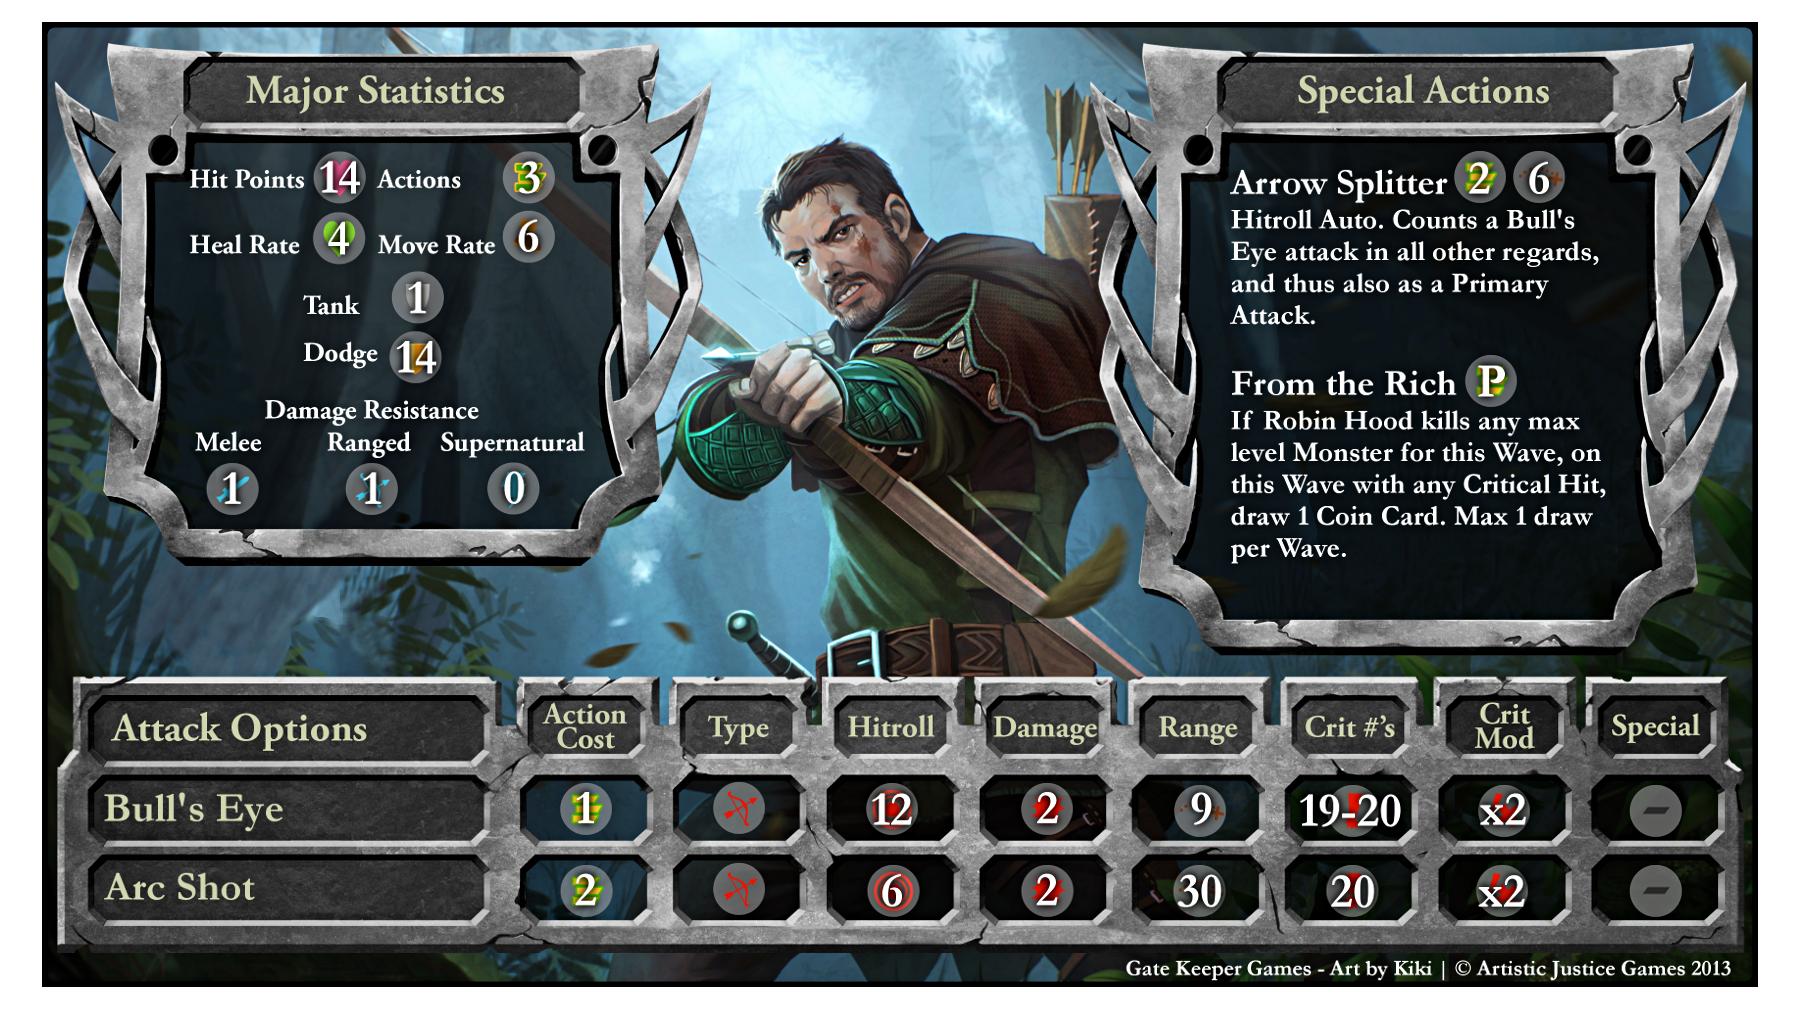 Robin Hood 1800x